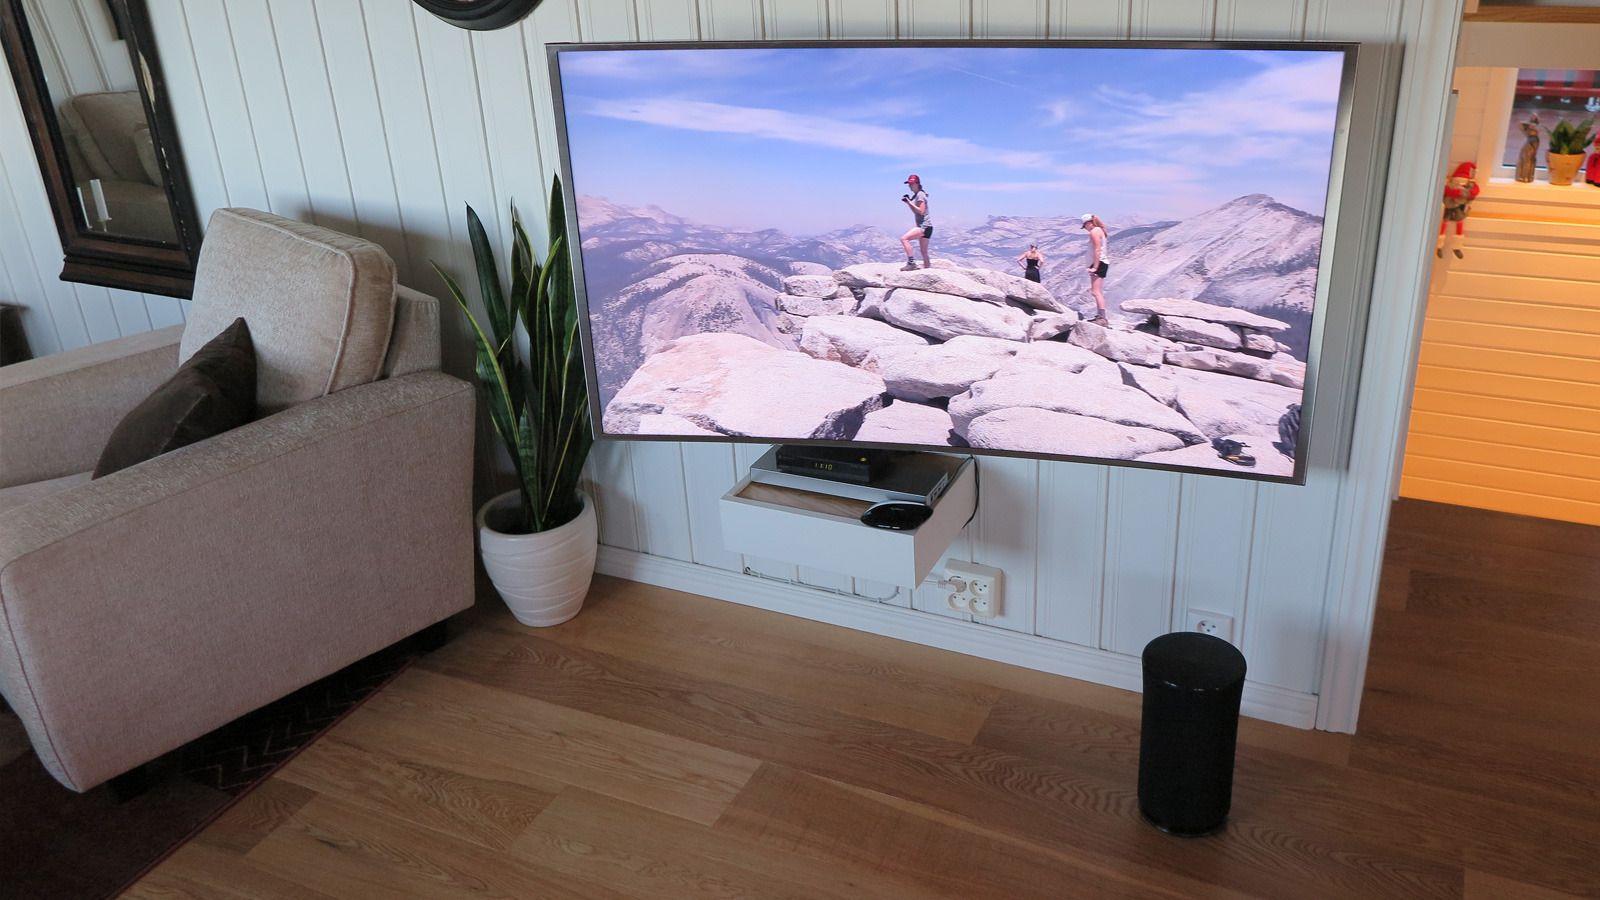 Strømmehøyttaleren R5 spiller TV-lyden trådløst, og settes opp på få sekunder. Men de innebygde høyttalerne i Samsung 9005-TV-en spiller vel så godt som det R5 gjør alene. Foto: Espen Irwing Swang, Tek.no